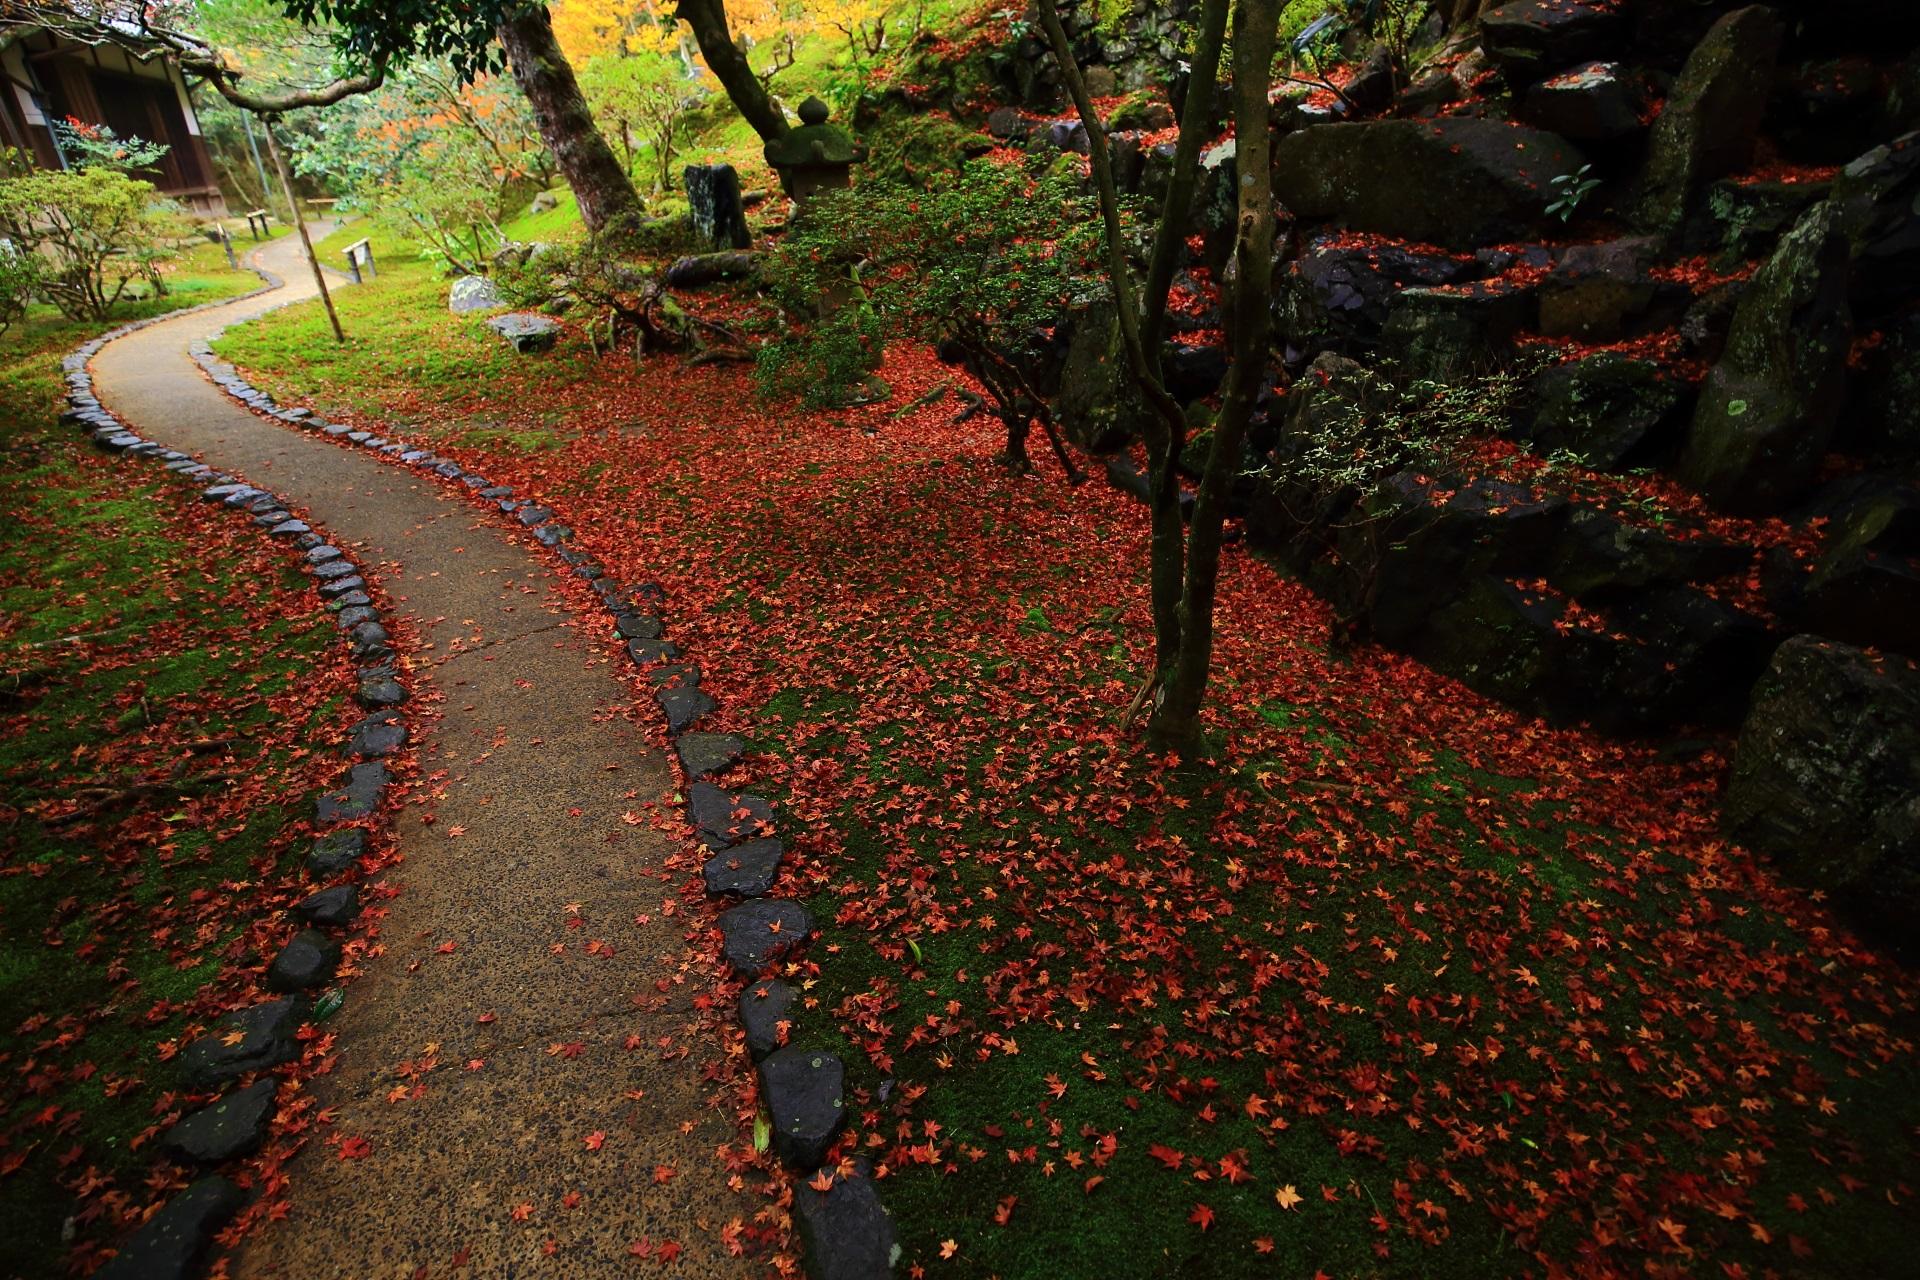 霊鑑寺 紅葉 庭園を彩る極上の散り紅葉の名所